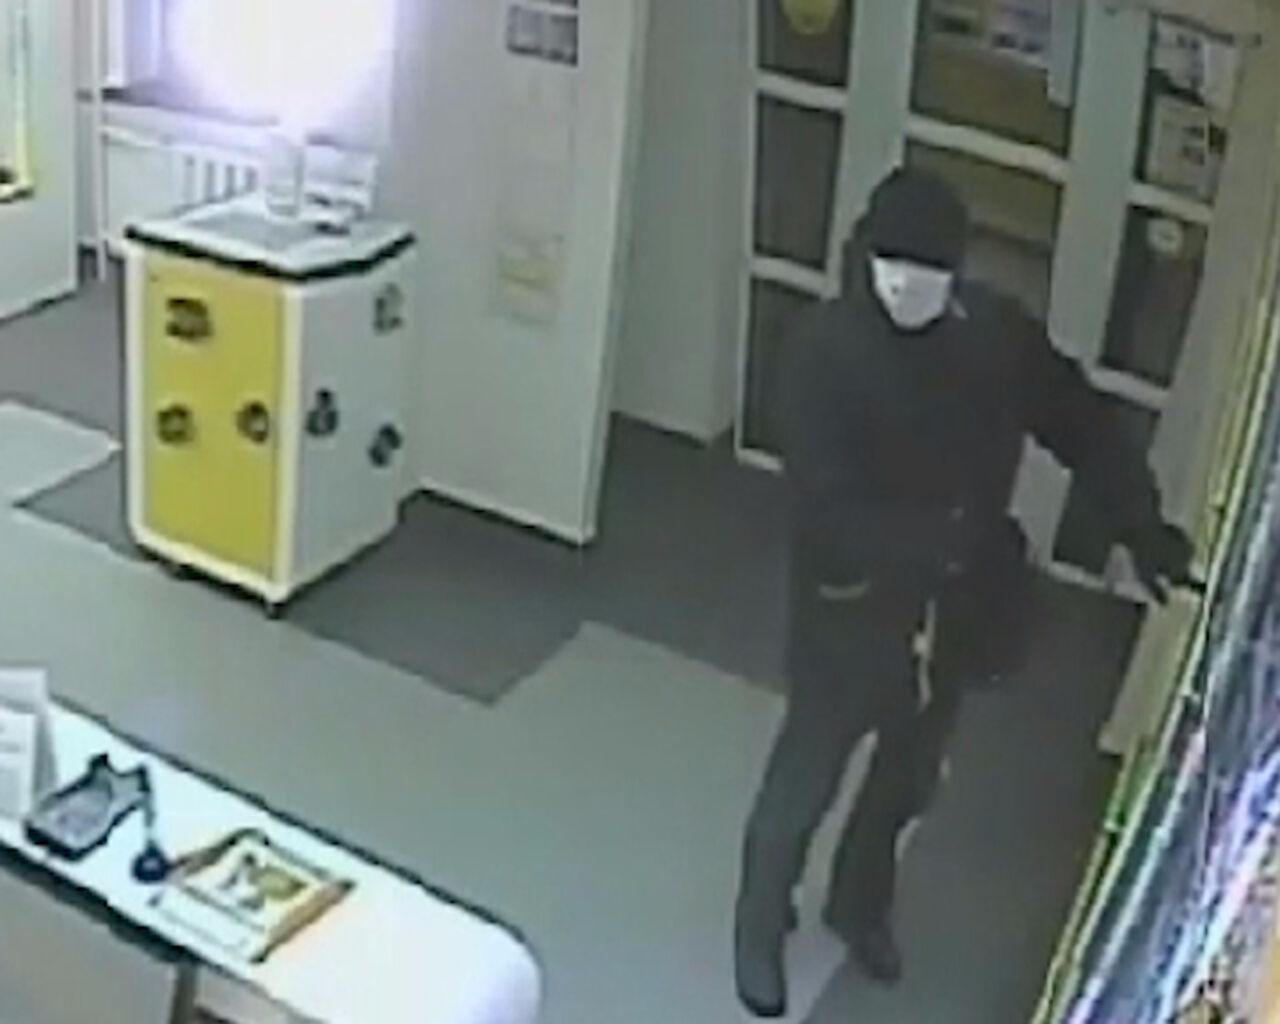 ВКемерове ищут налётчика, напавшего насалон «Евросеть»